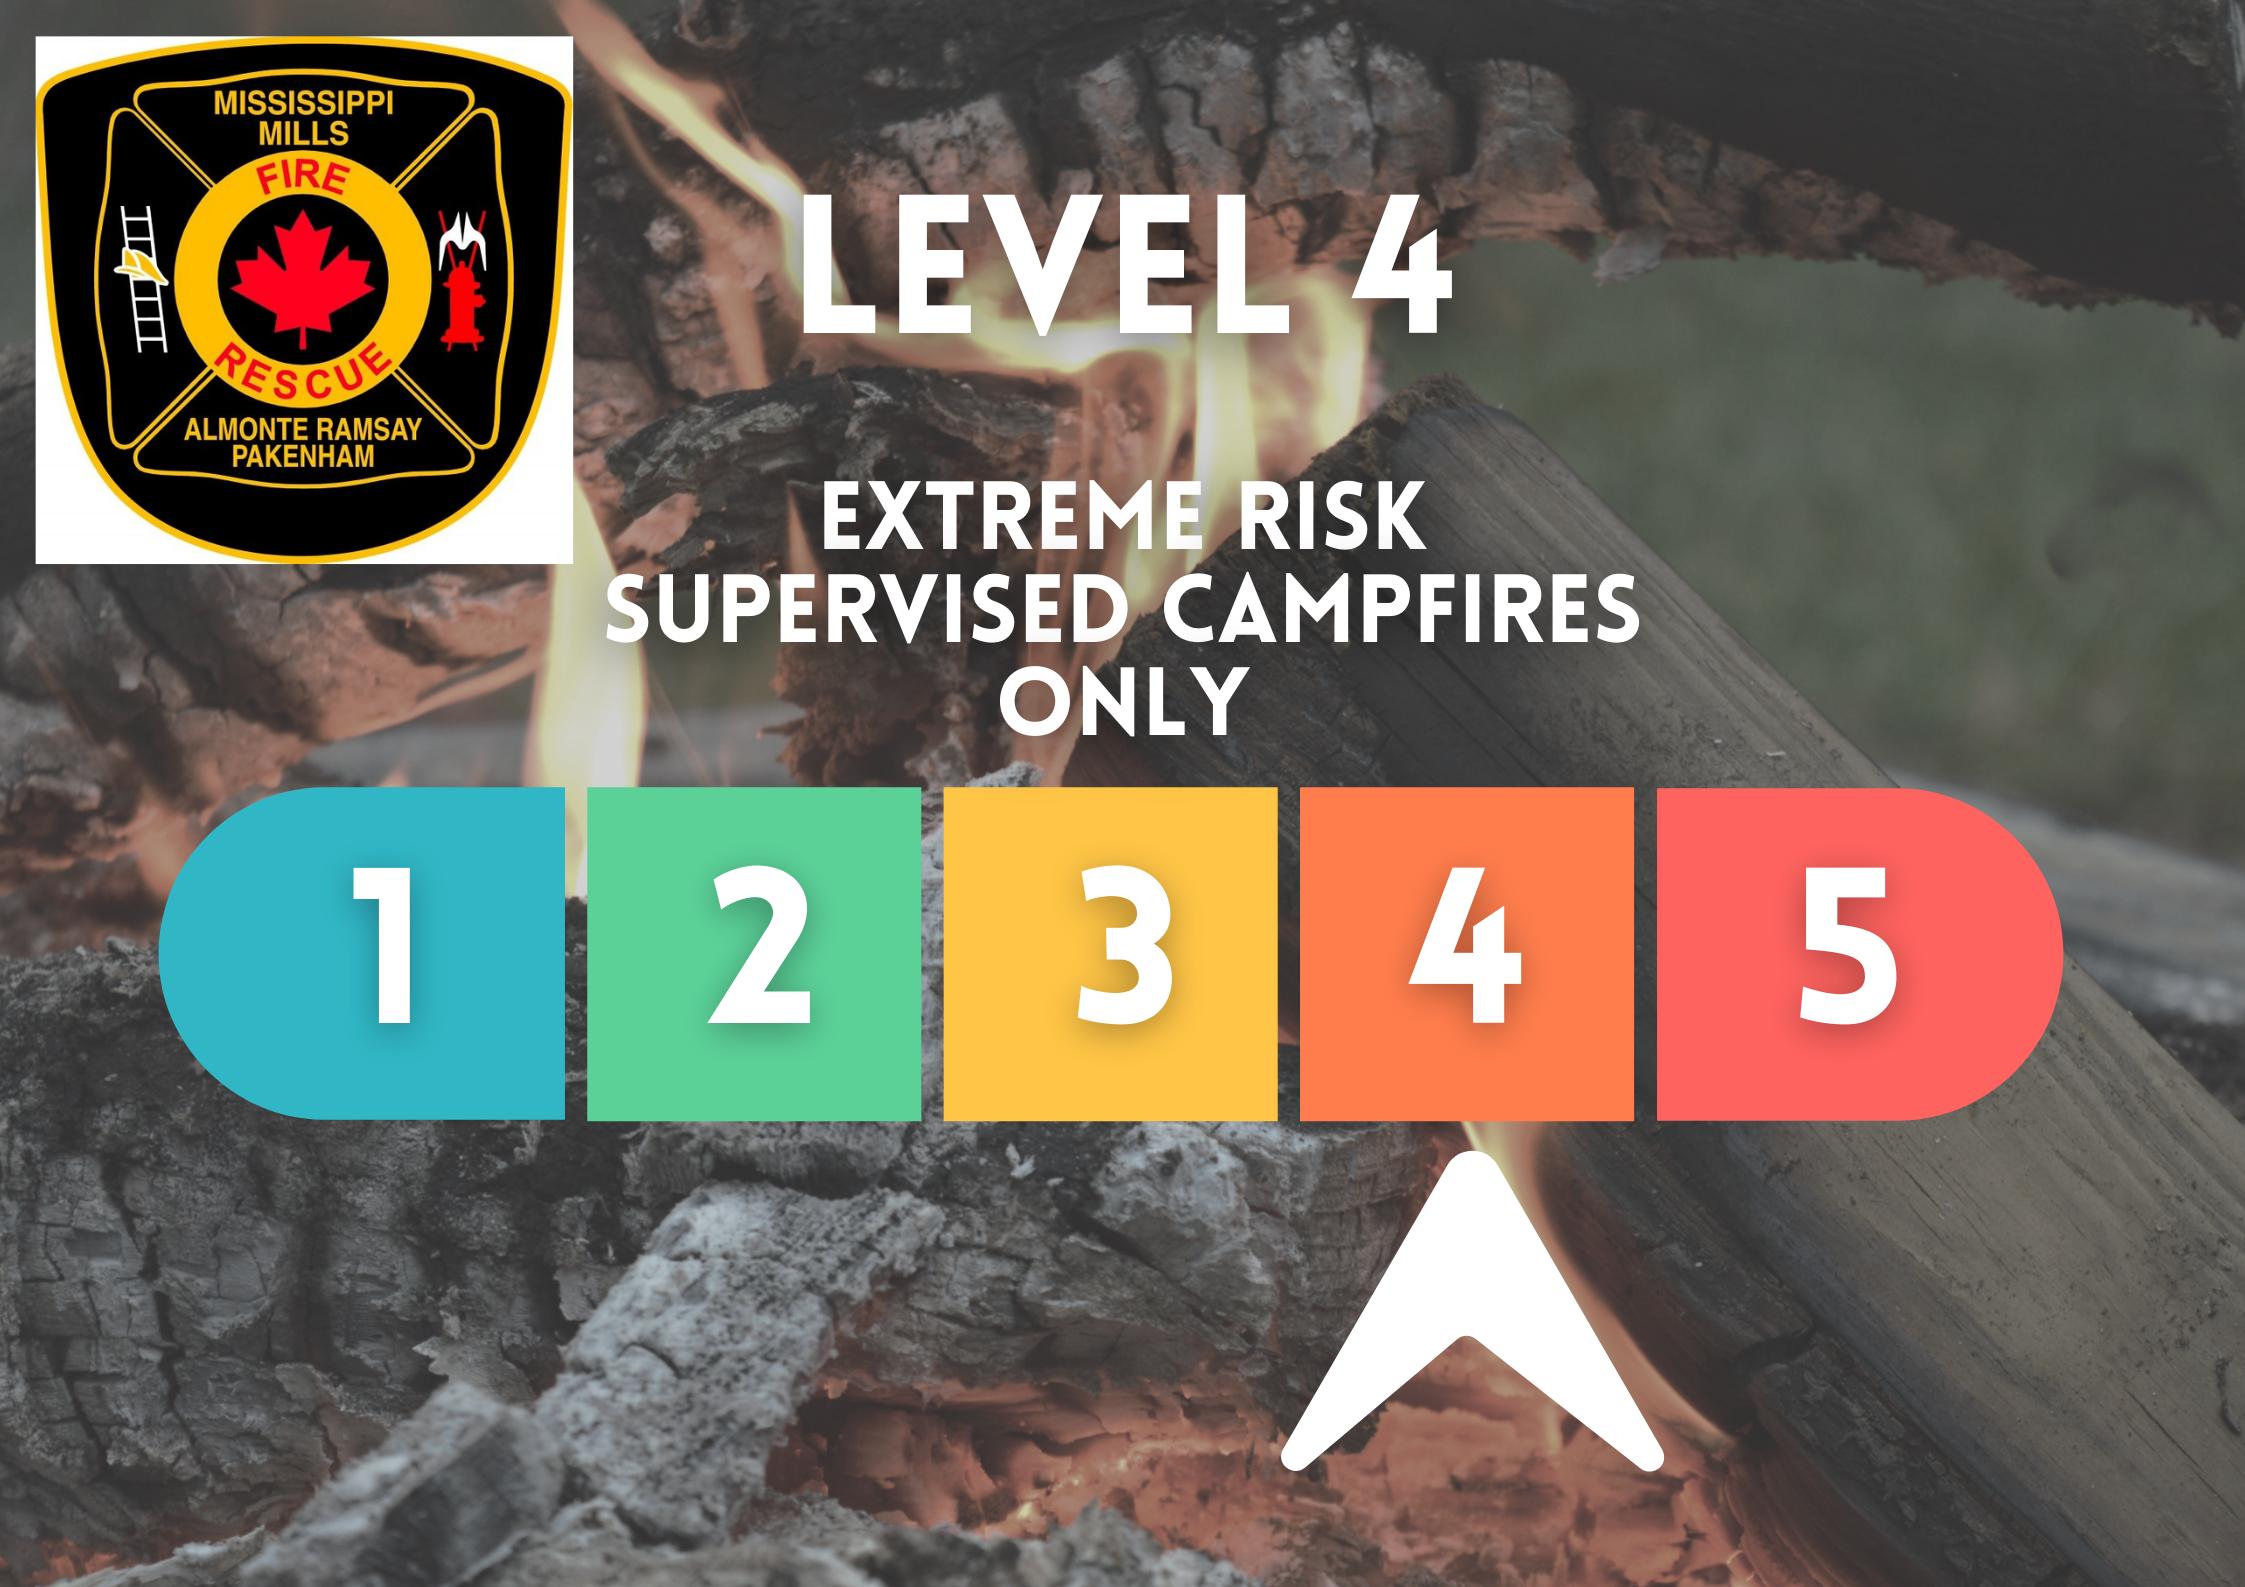 Burn Risk Level 4 - Campfires Only